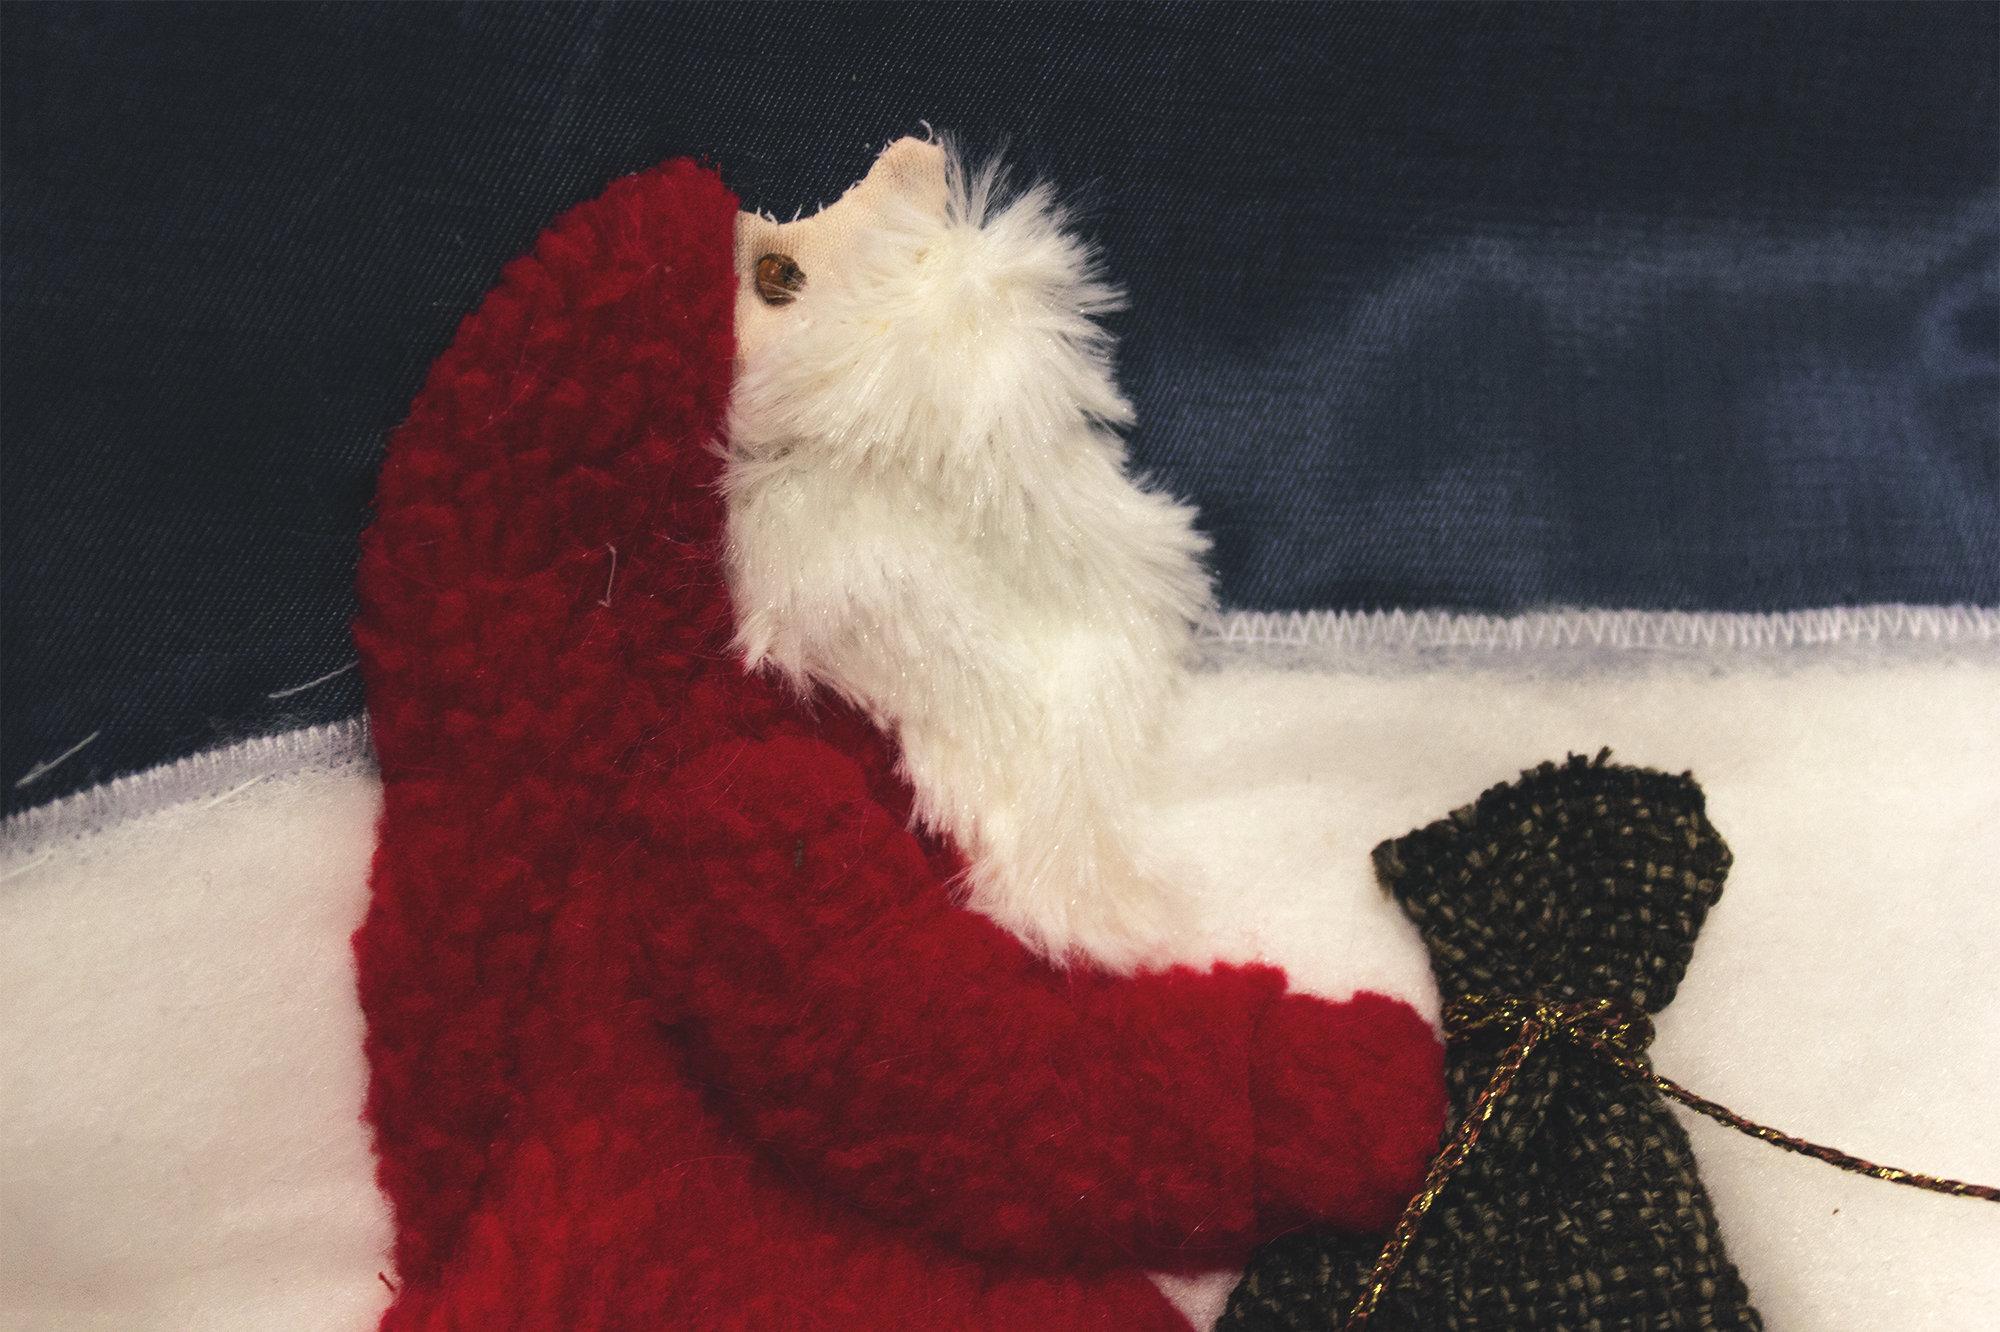 Дед Мороз из рукотворной книжки поможет познать мир тем, кто его никогда не видел